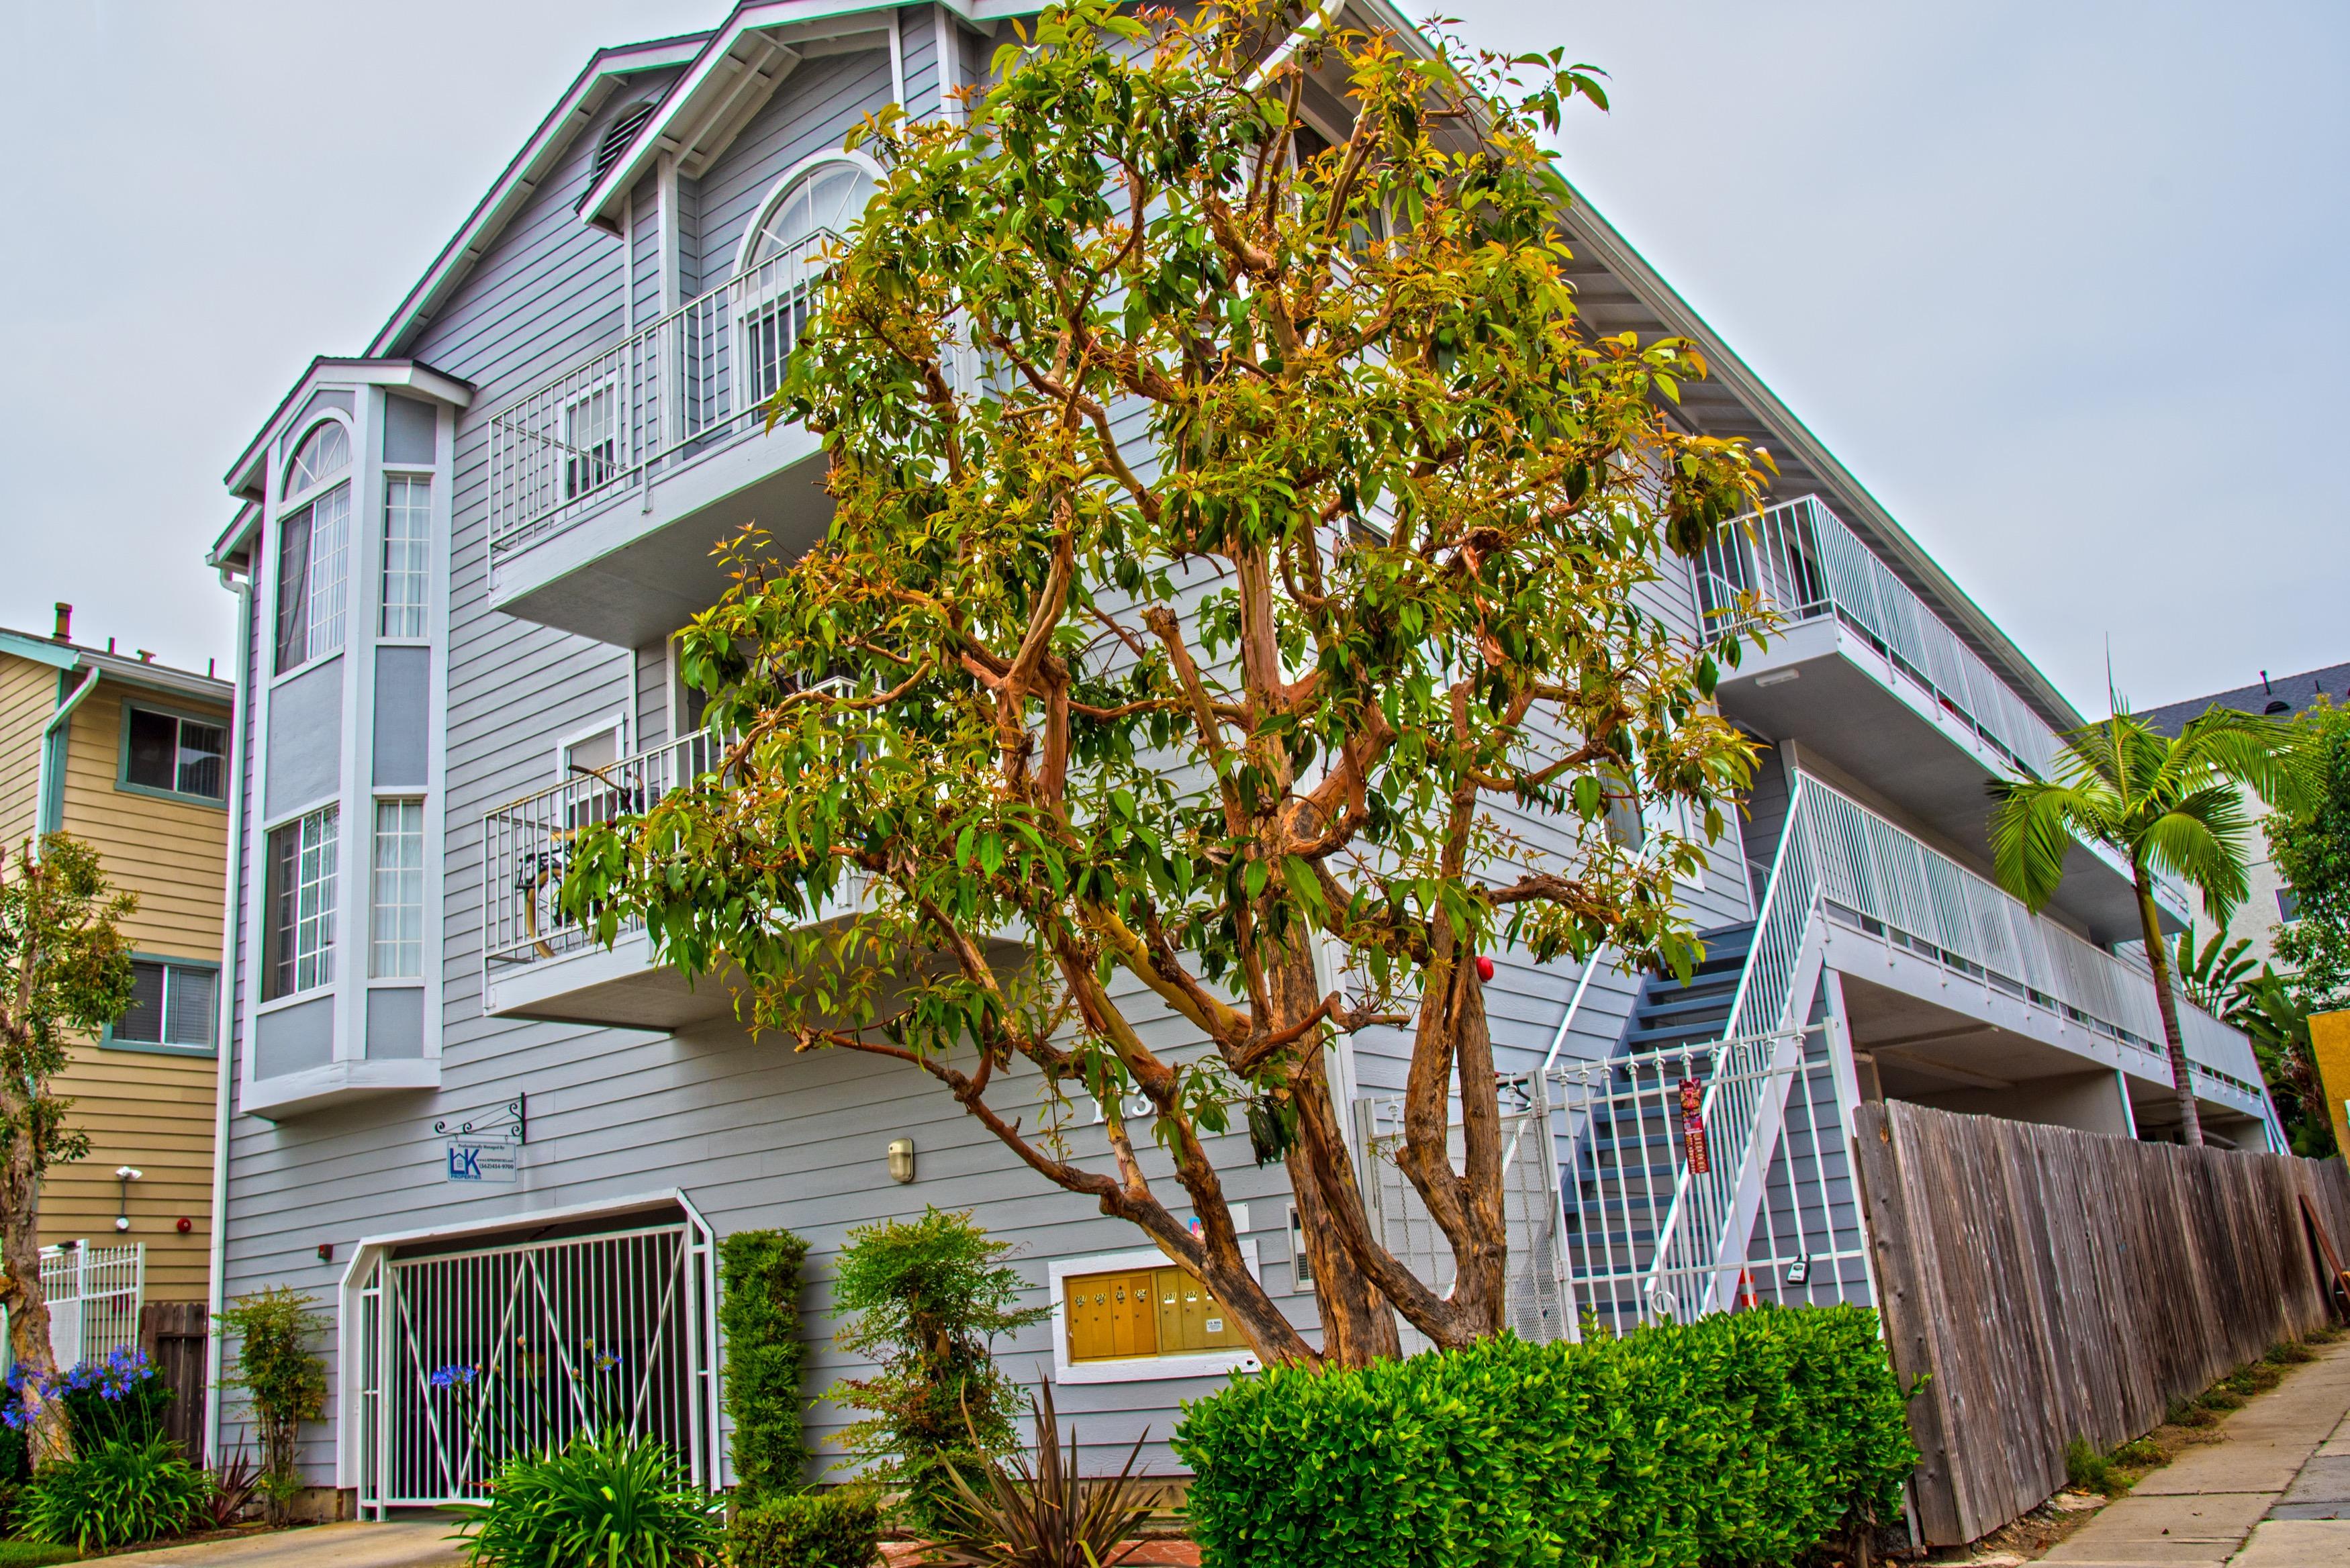 1133 Mira Mar Ave Long Beach, CA 90804 (Apt 301)